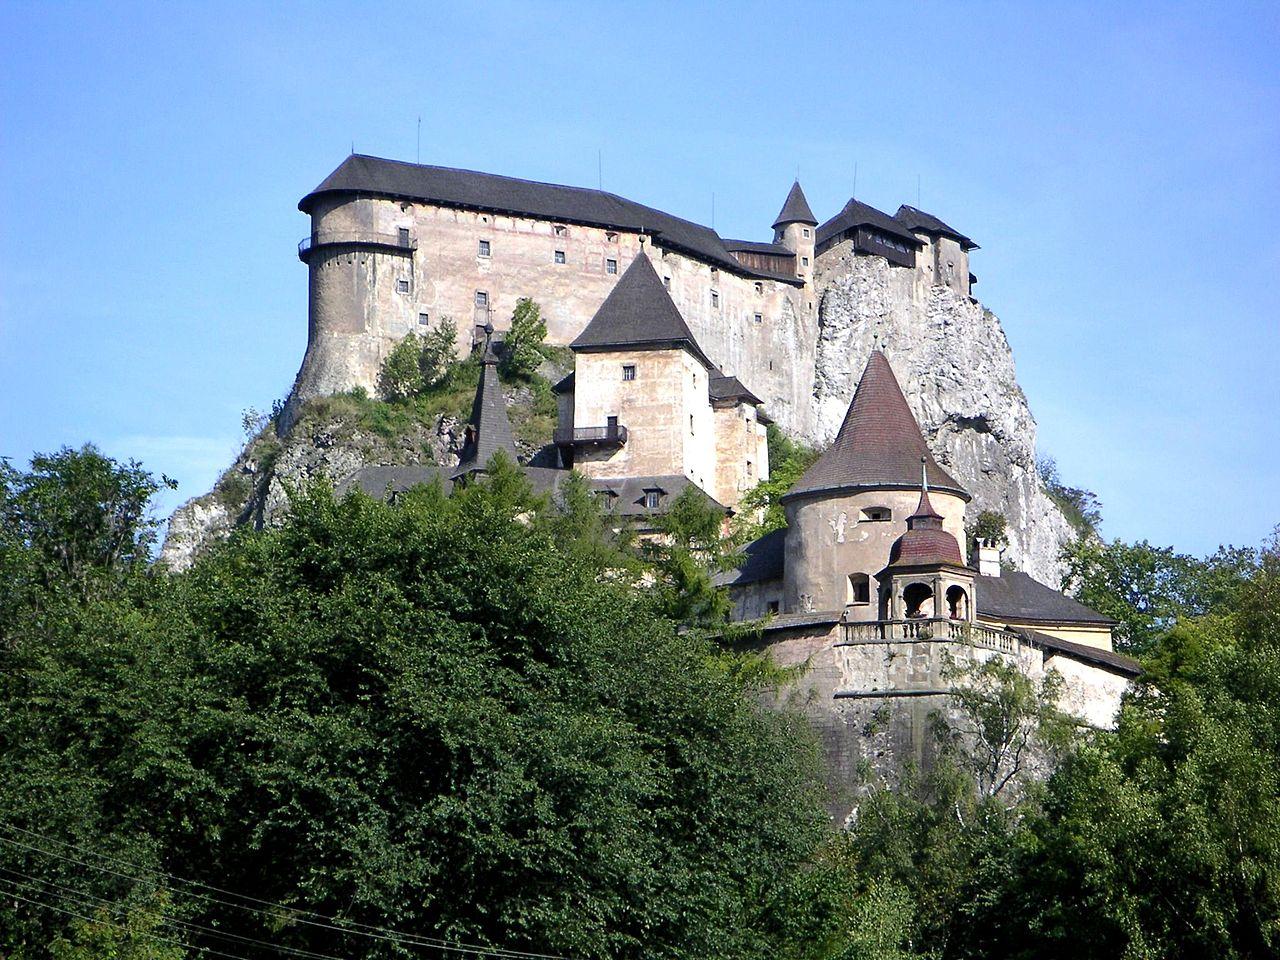 قلعه - نماد سنتی جامعه فئودالی (قلعه اوراوا در اسلواکی).